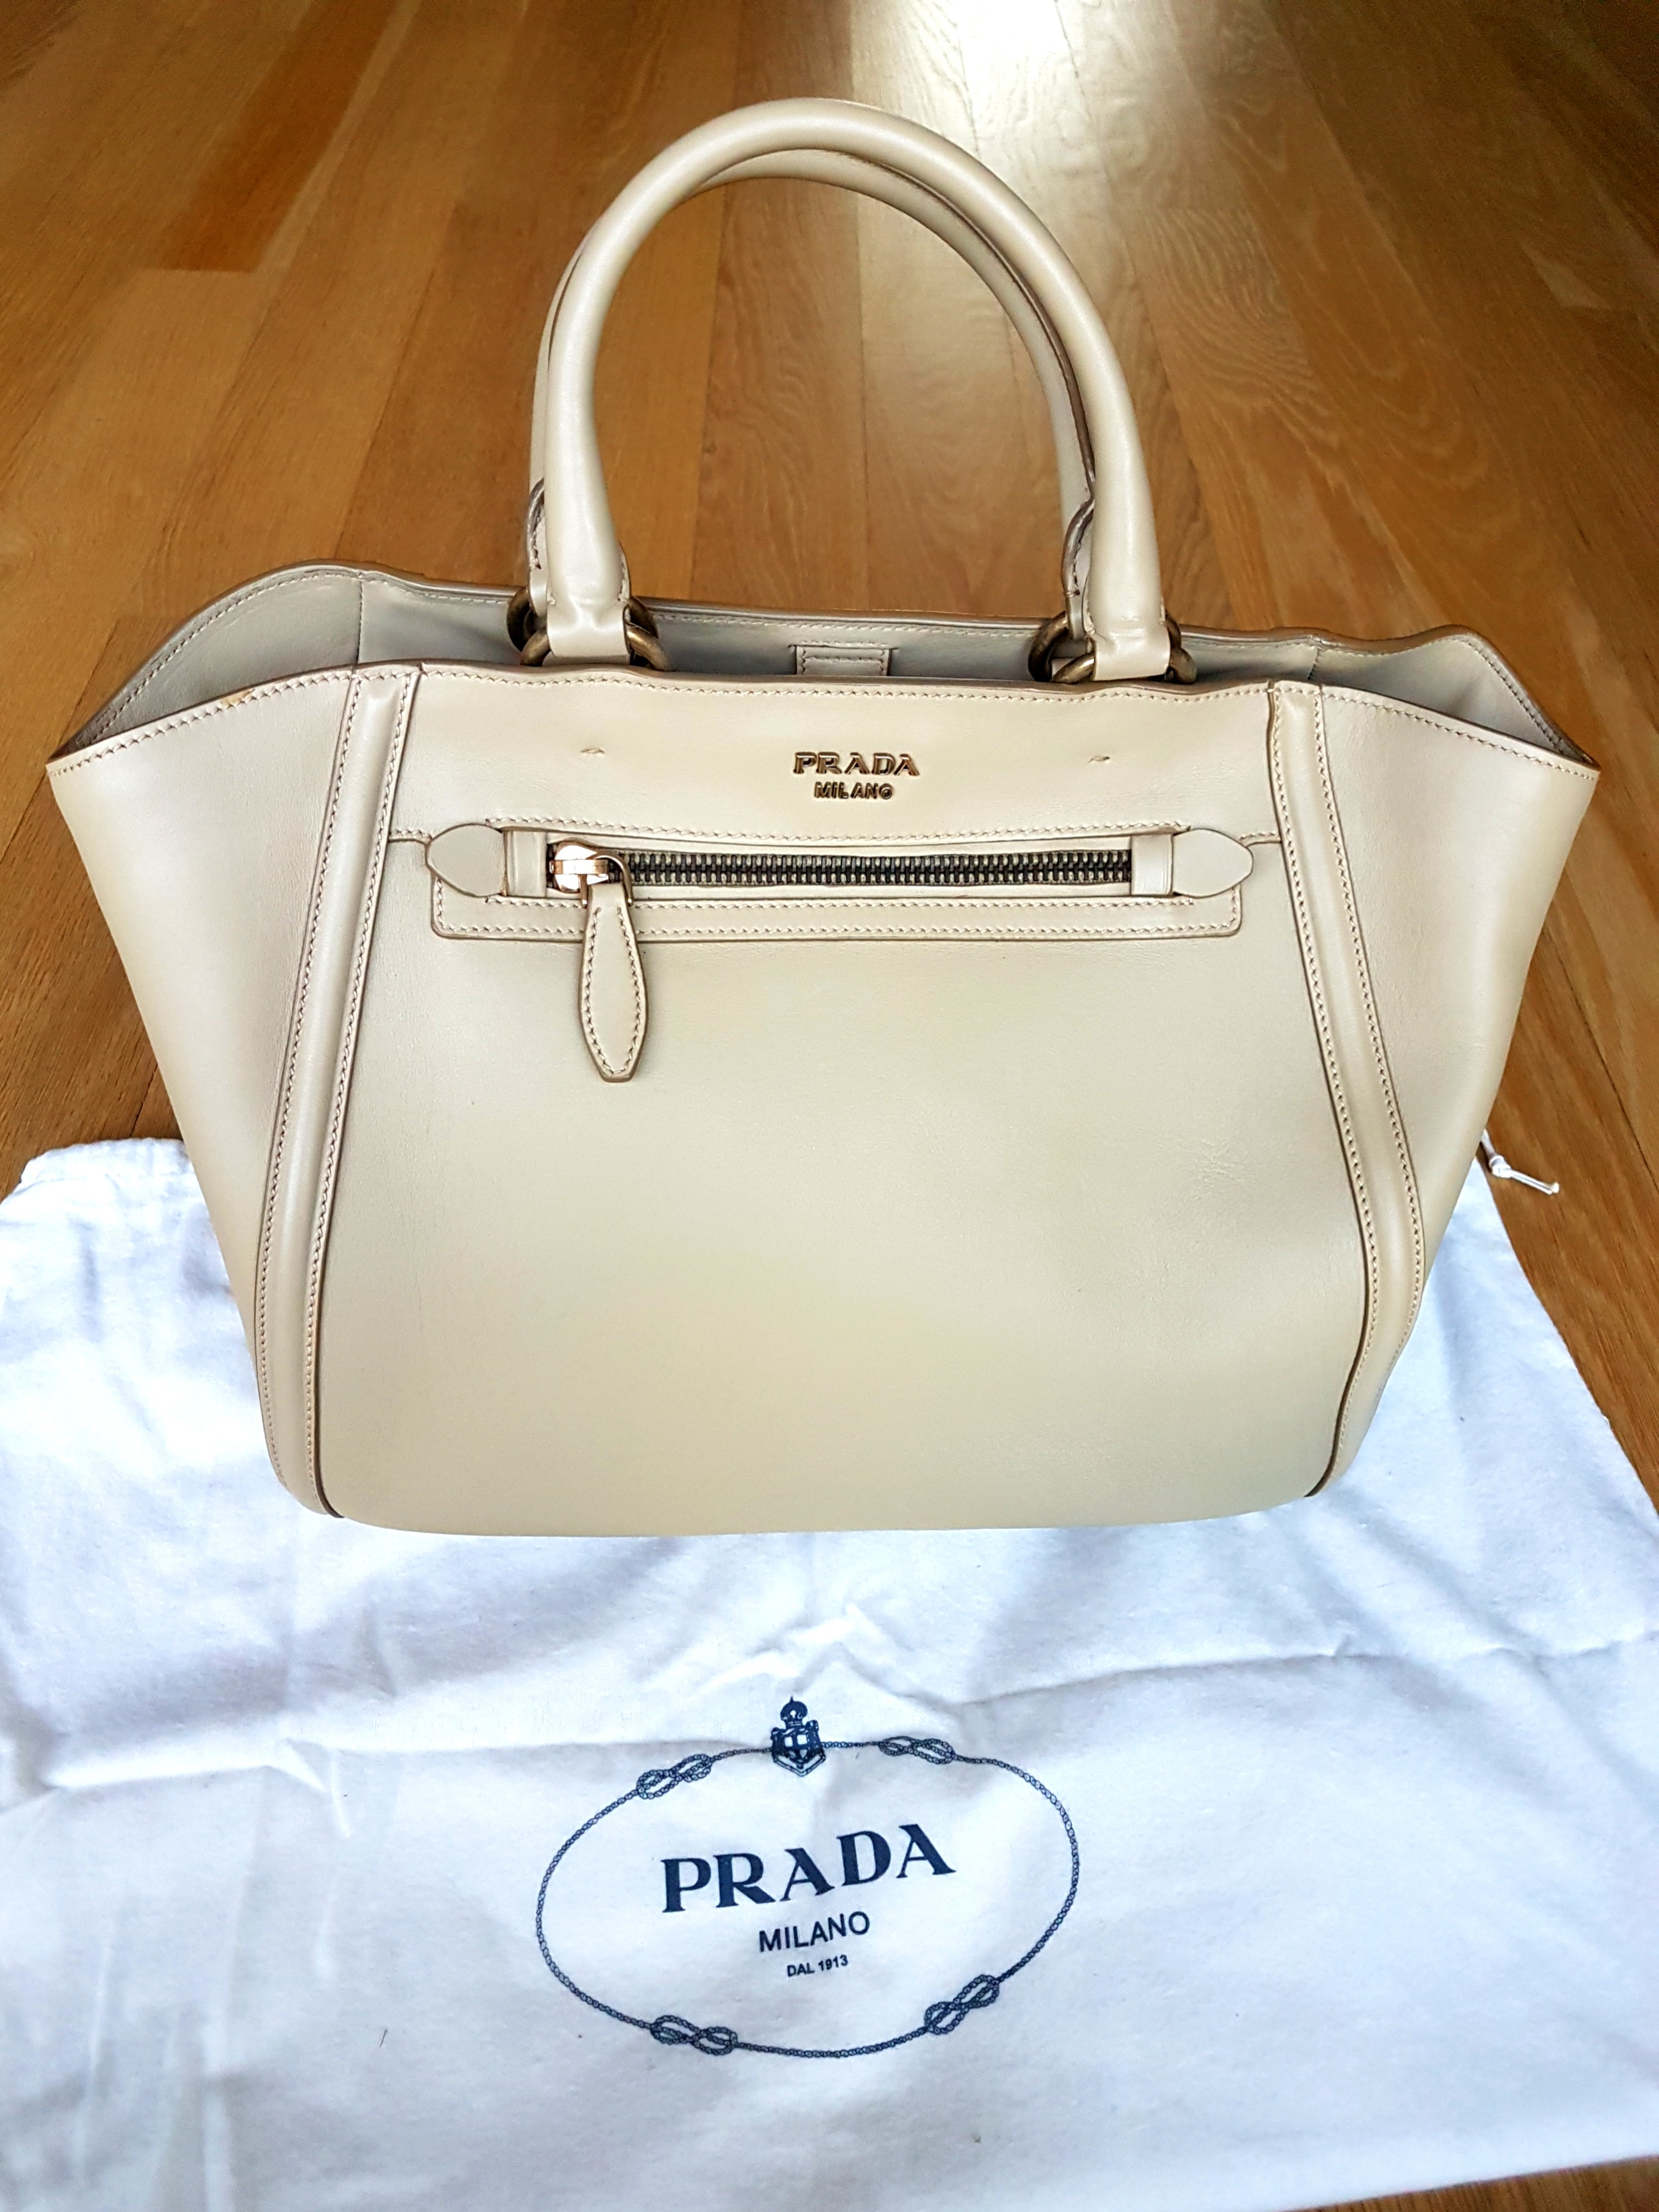 Price reduced! Authentic Prada bag 6c3ddb0b54592